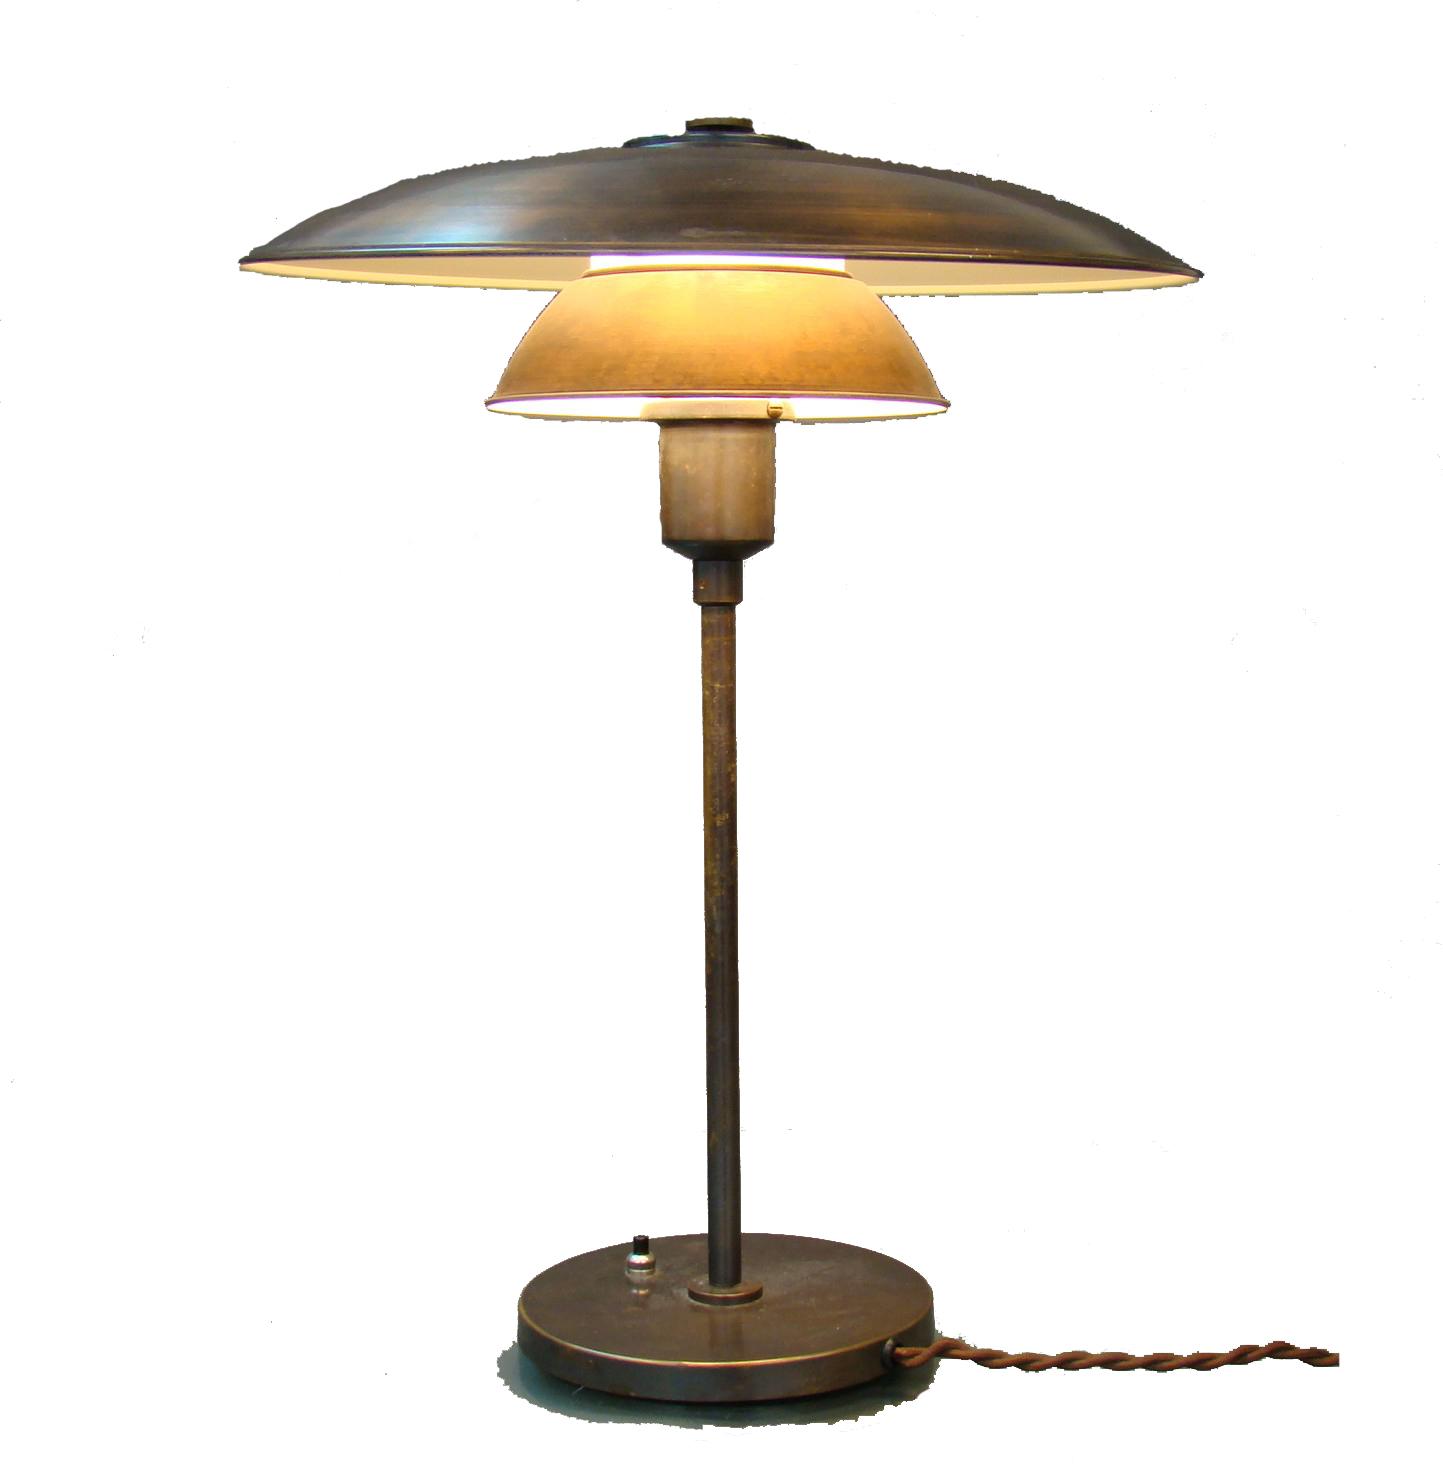 dansk design lampe Dansk Design Lampe. Cord Lamp Fra Design House Stockholm With  dansk design lampe